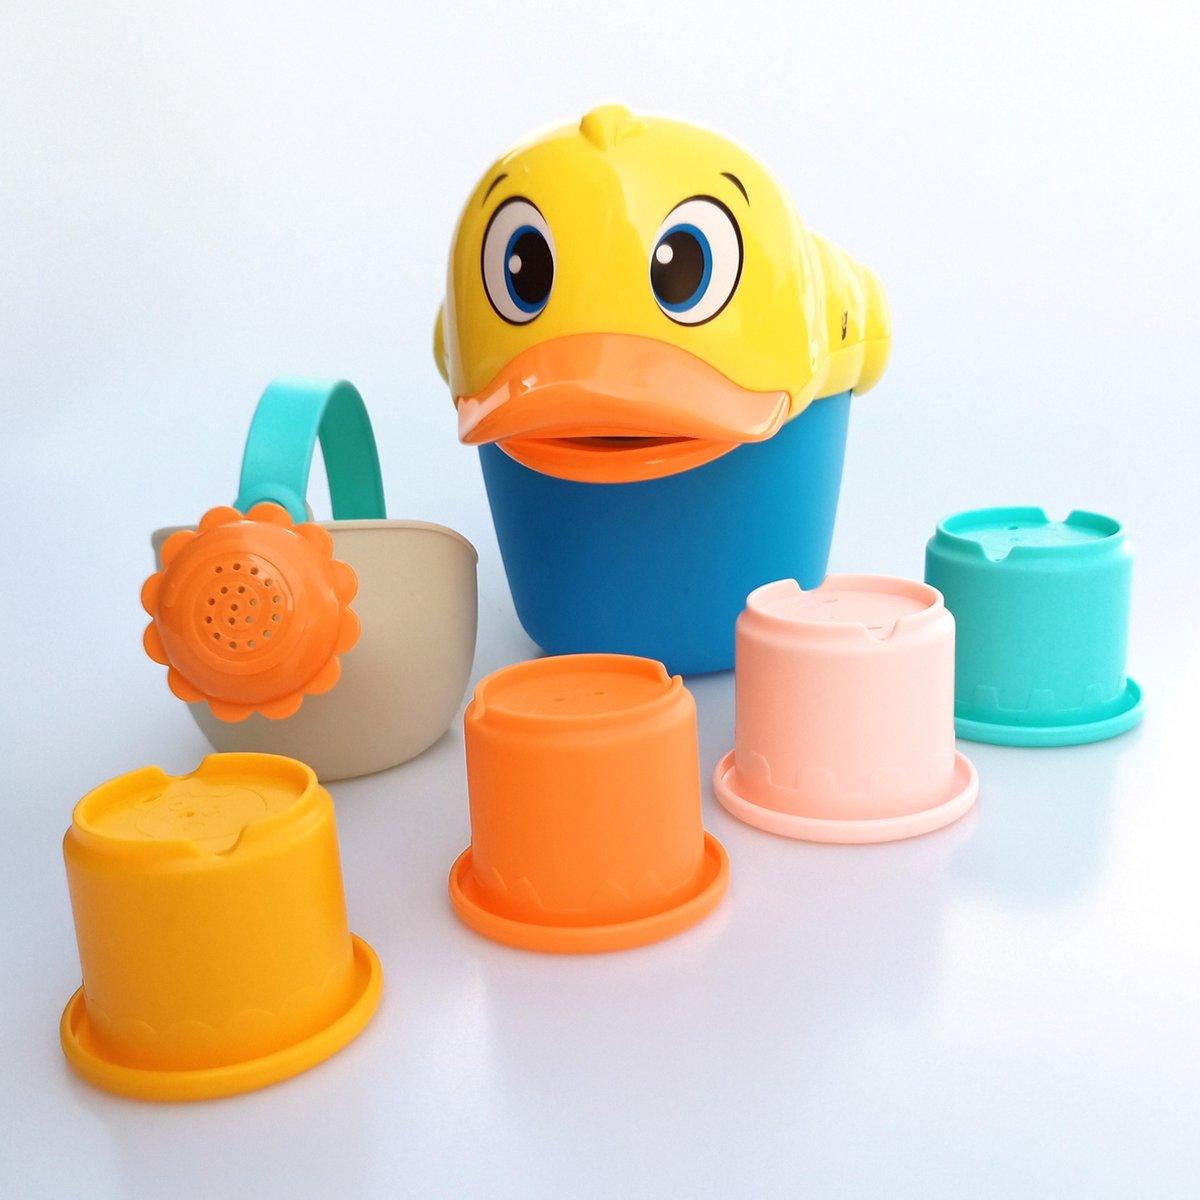 Jobber Waterplay Badspeelgoed - Badeend Emmer - Badspeeltjes Gieter